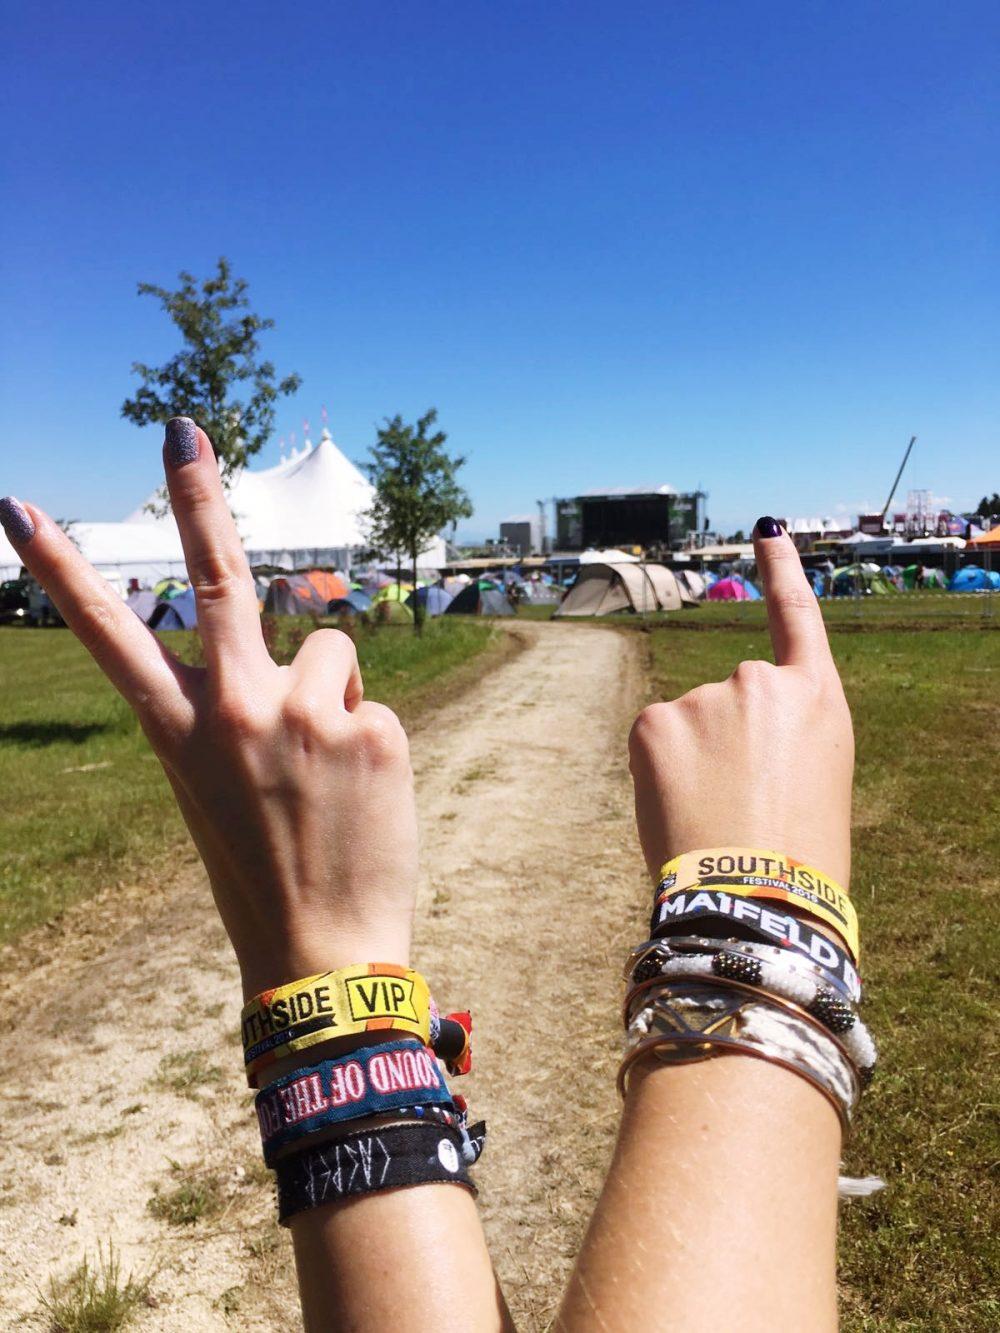 Southside Festival 2016 Festivalblogger Bericht Unwetter (1)